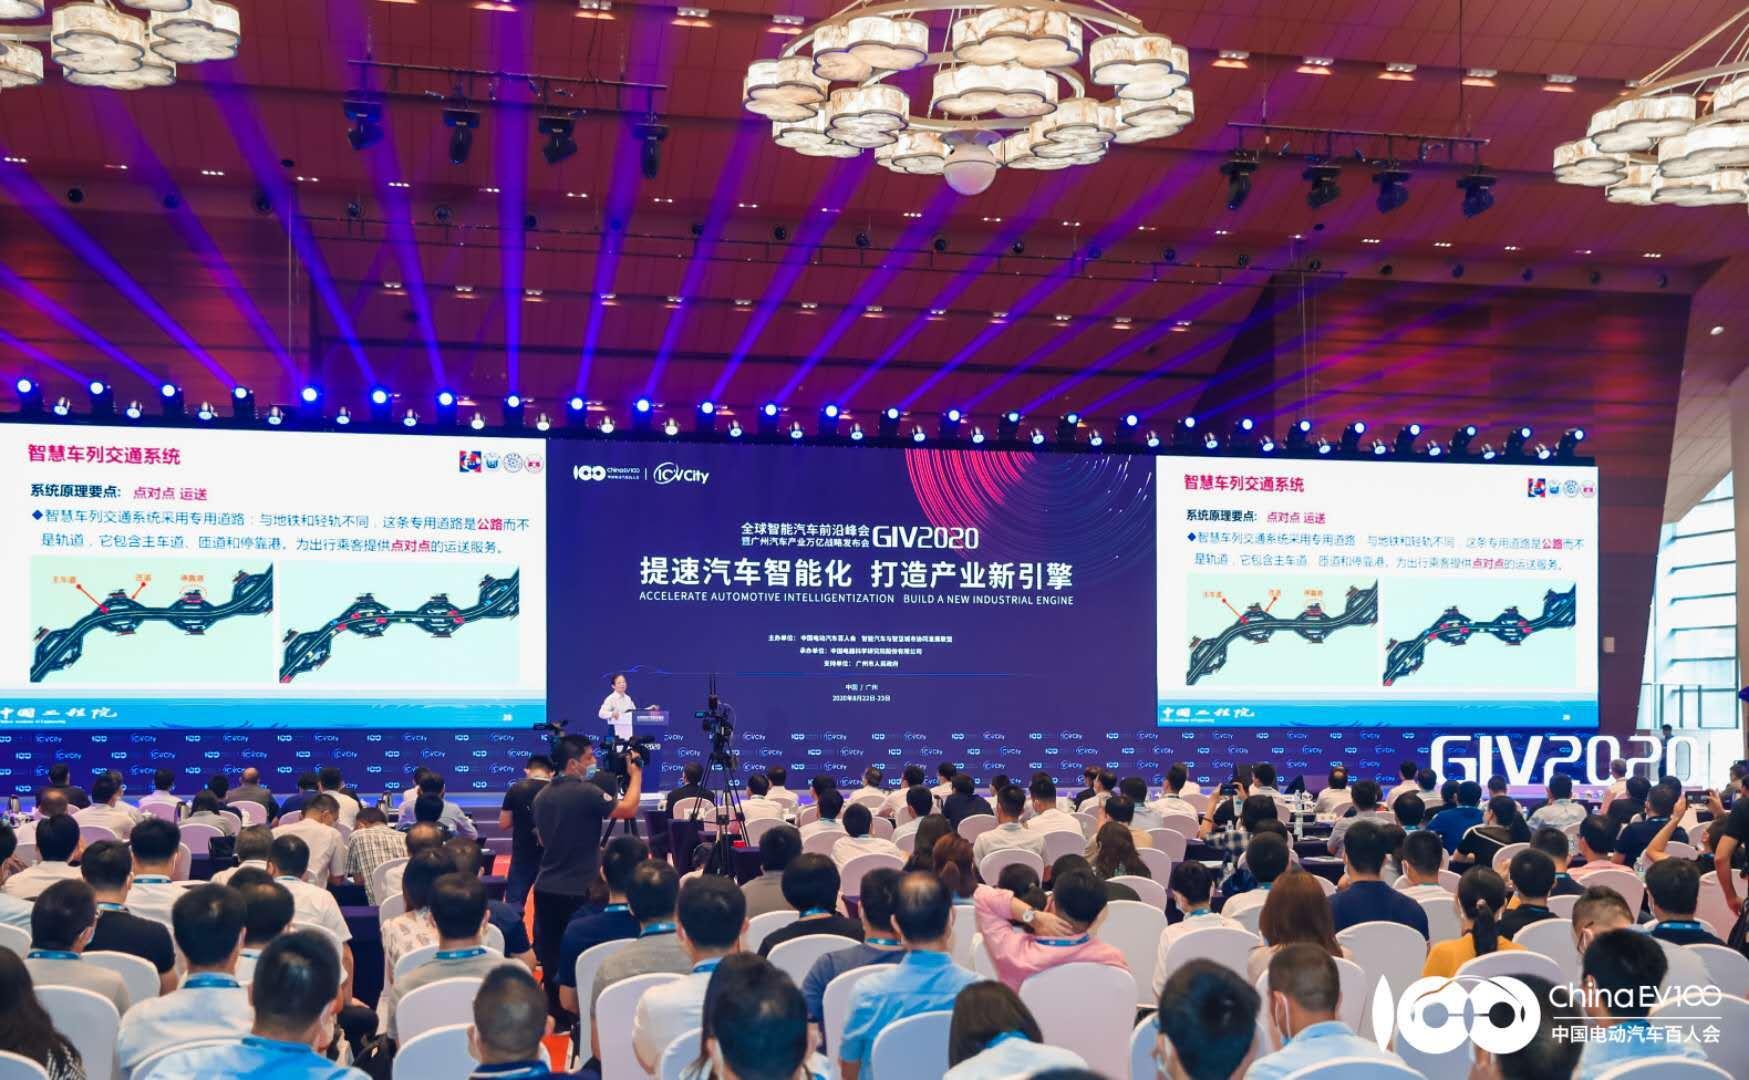 黄埔新晋汽车产业园,广州促进汽车产业智能化发展